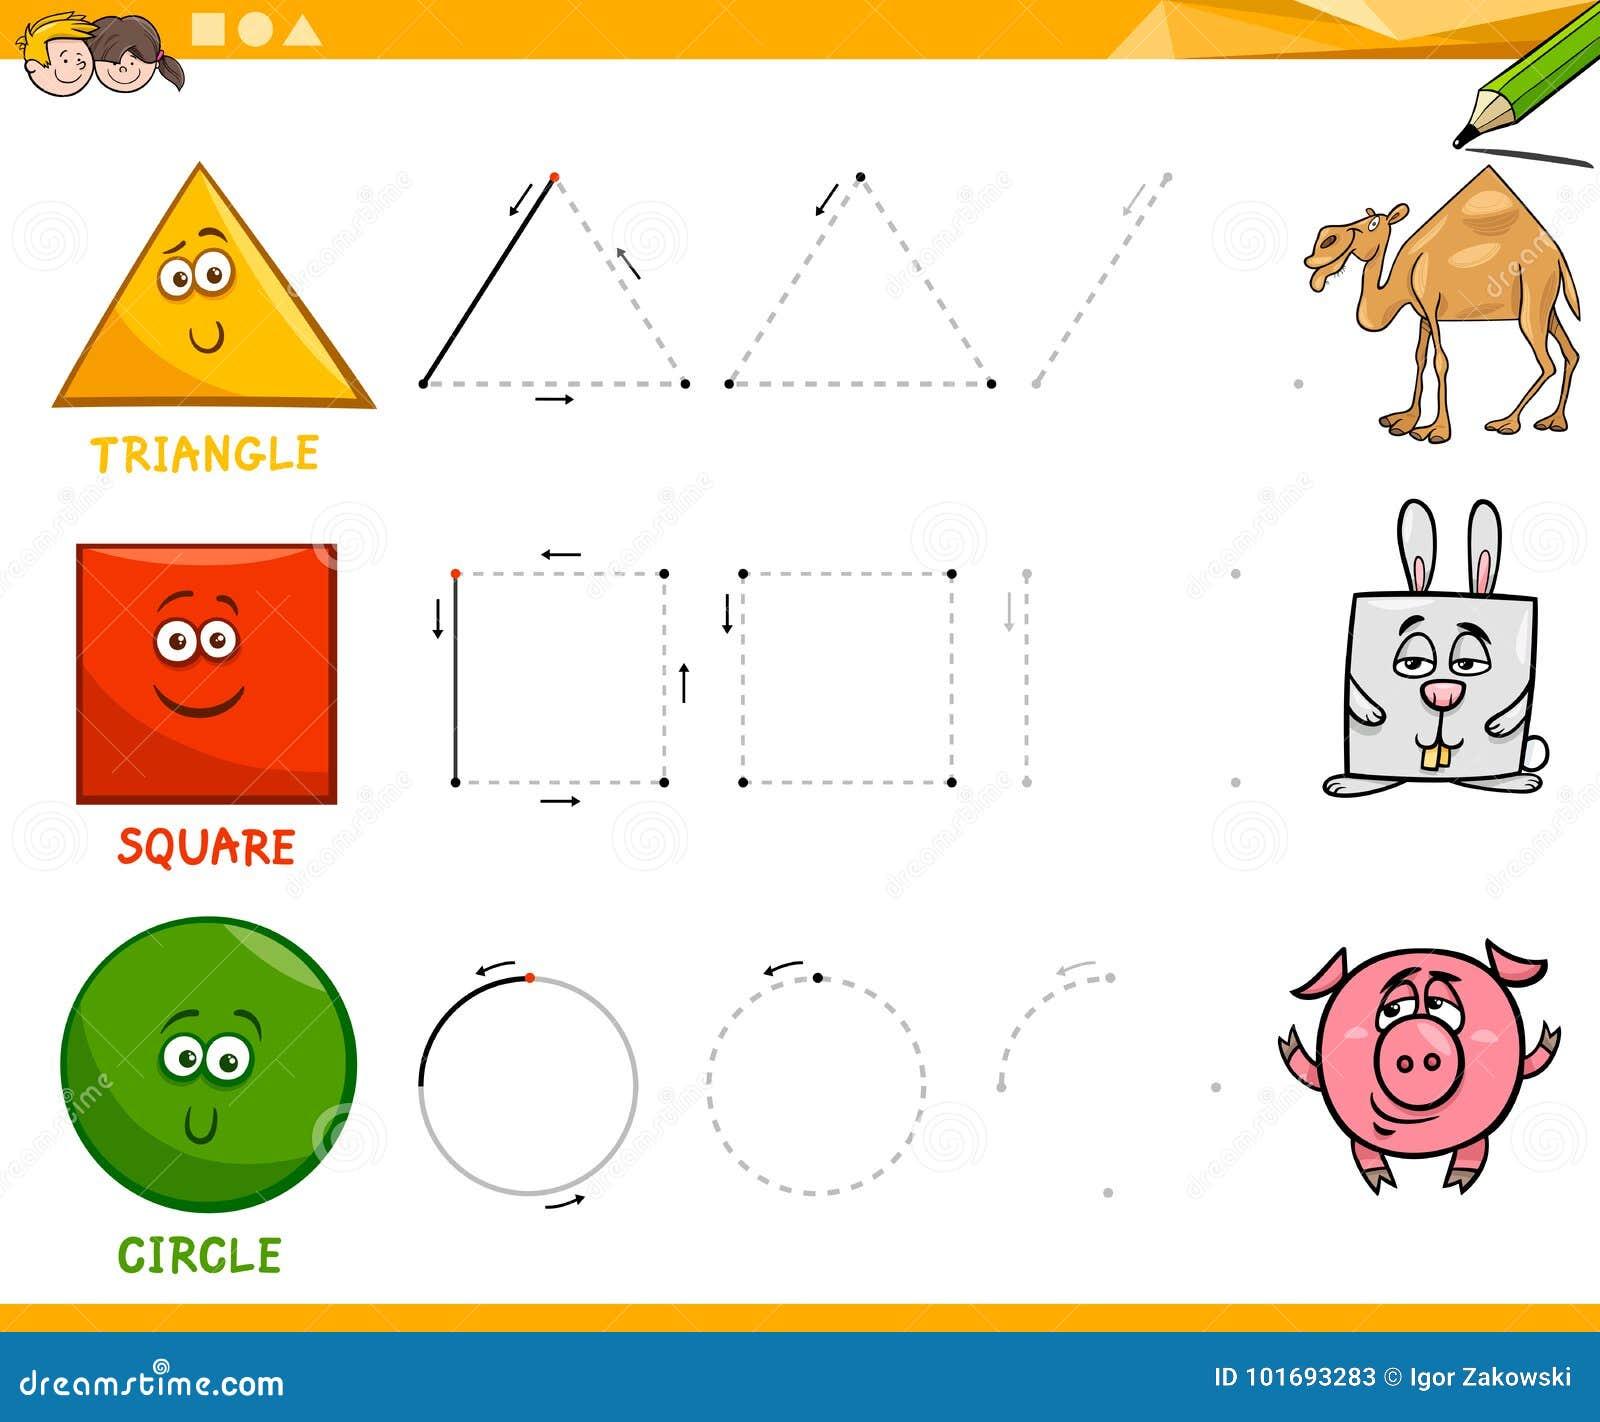 grundlegende geometrische formen die arbeitsblatt zeichnen vektor abbildung illustration von. Black Bedroom Furniture Sets. Home Design Ideas